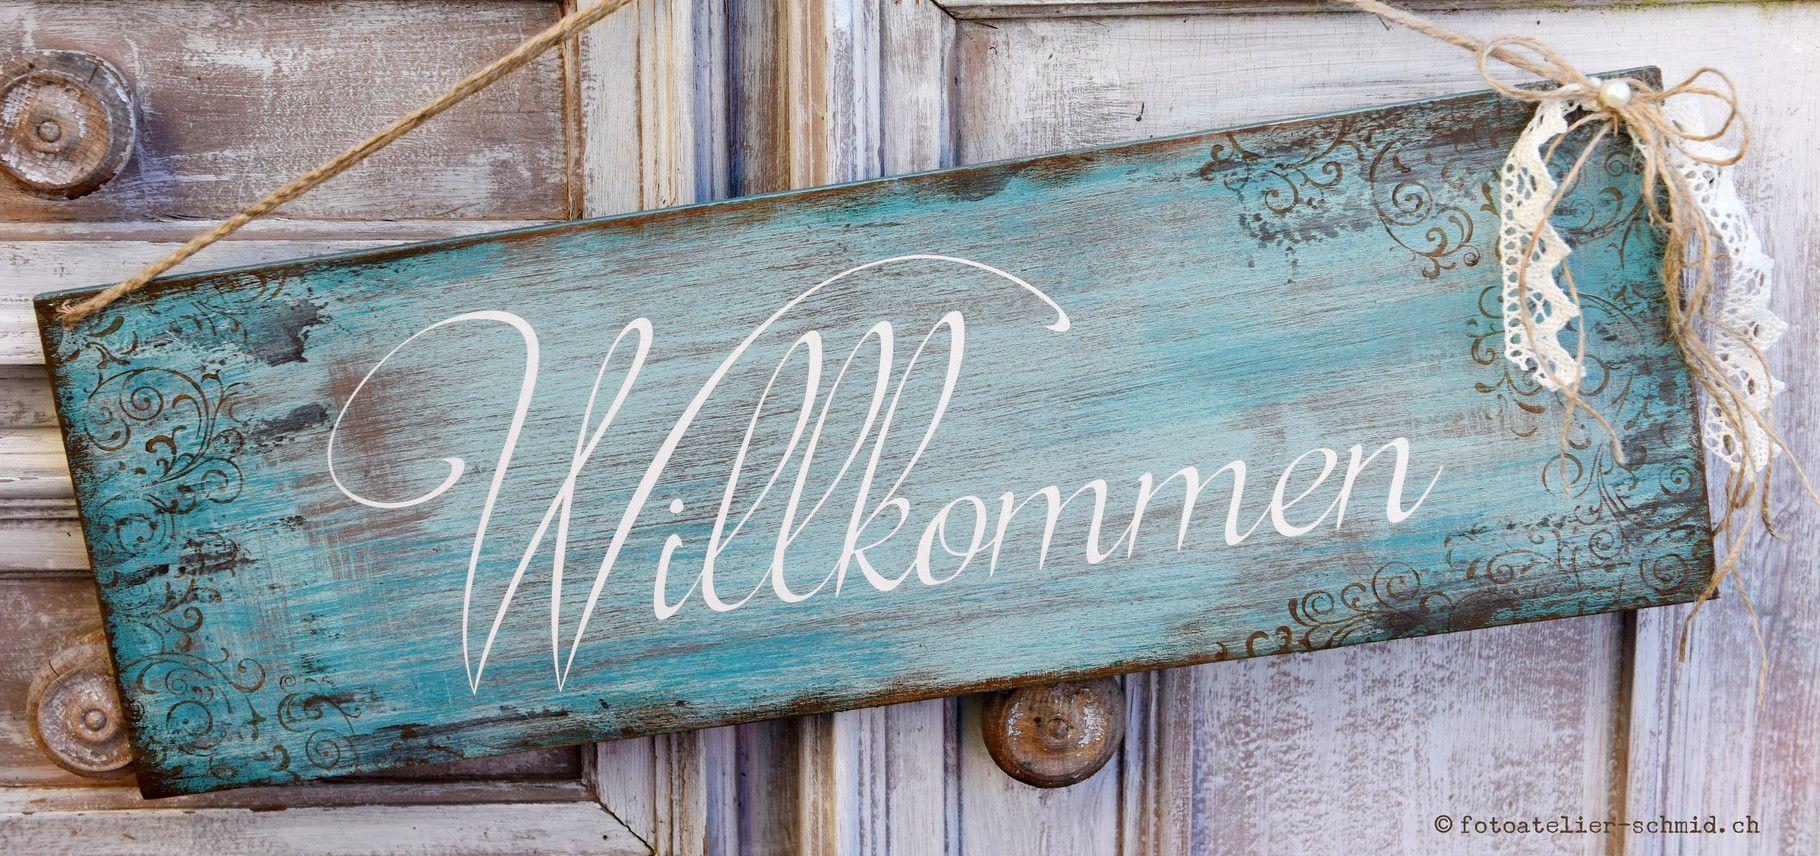 Herzlich Willkommen Schild Www Facebook Com Feiadeife Rustikale Holzschilder Herzlich Willkommen Schild Hausturen Holz